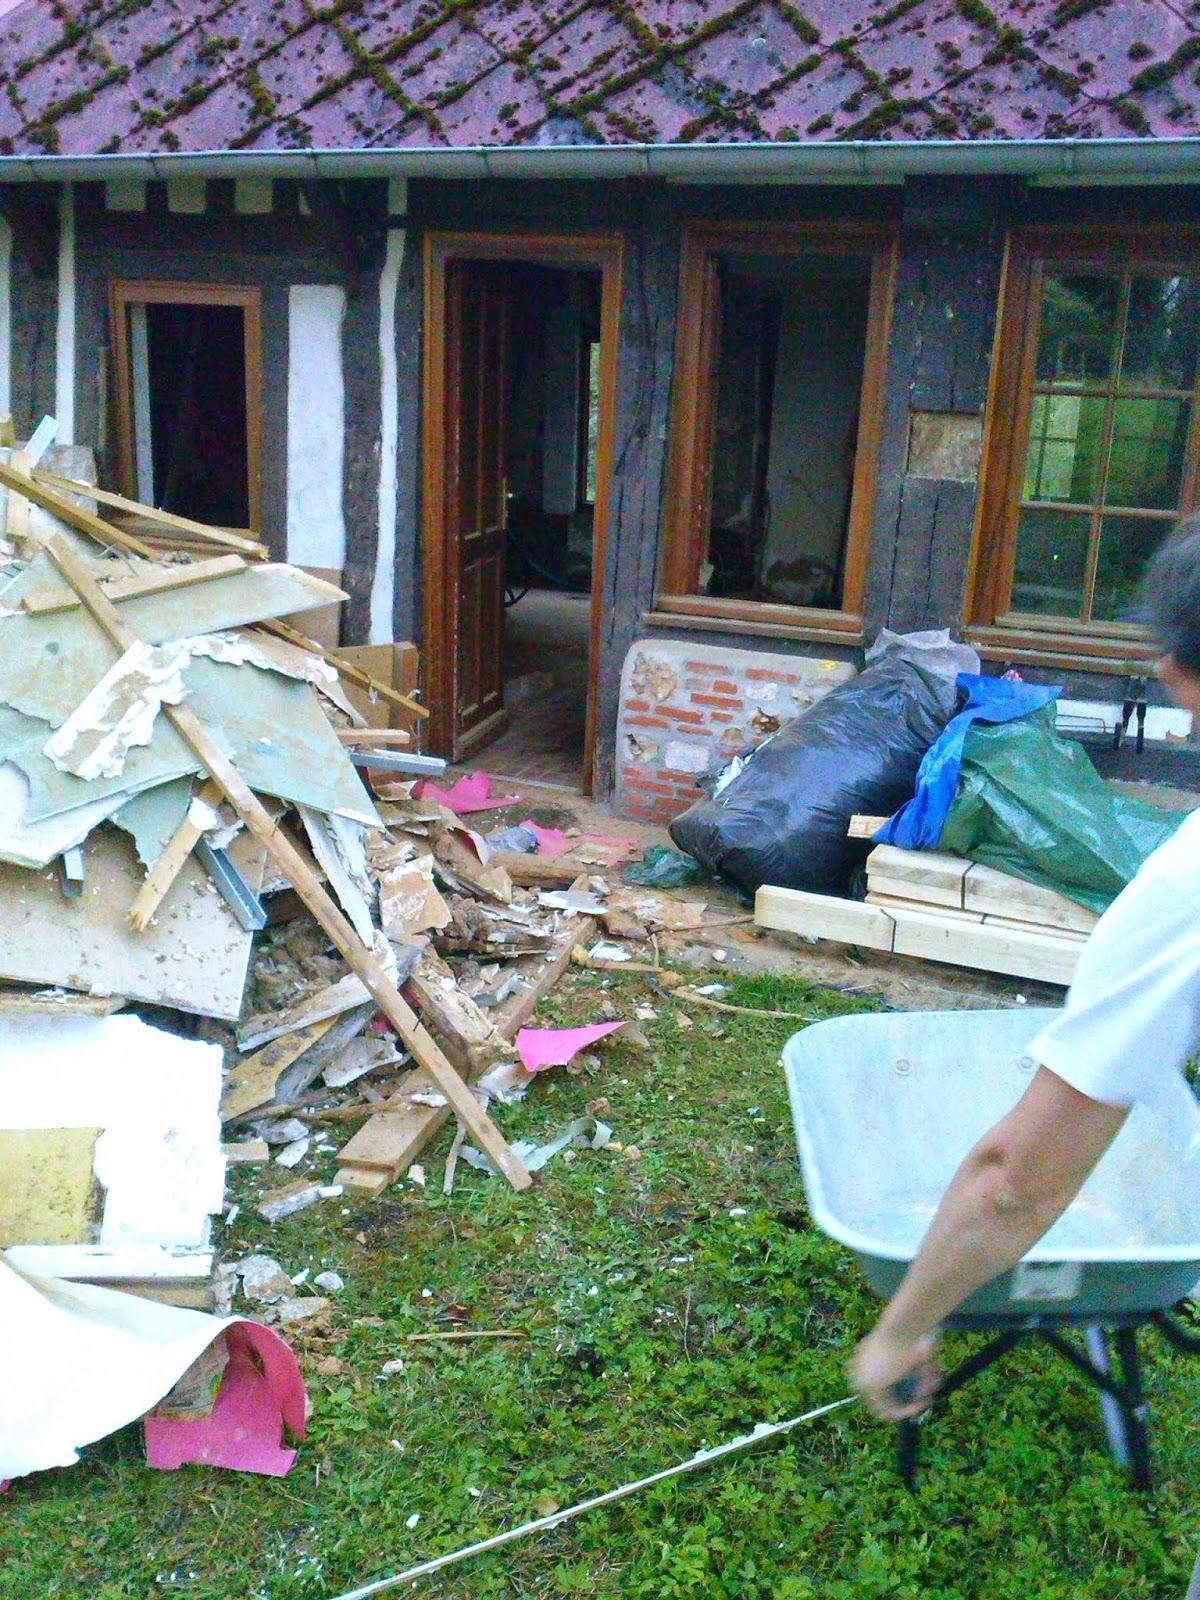 http://lamaredumesnil.blogspot.fr/p/la-demolition.html